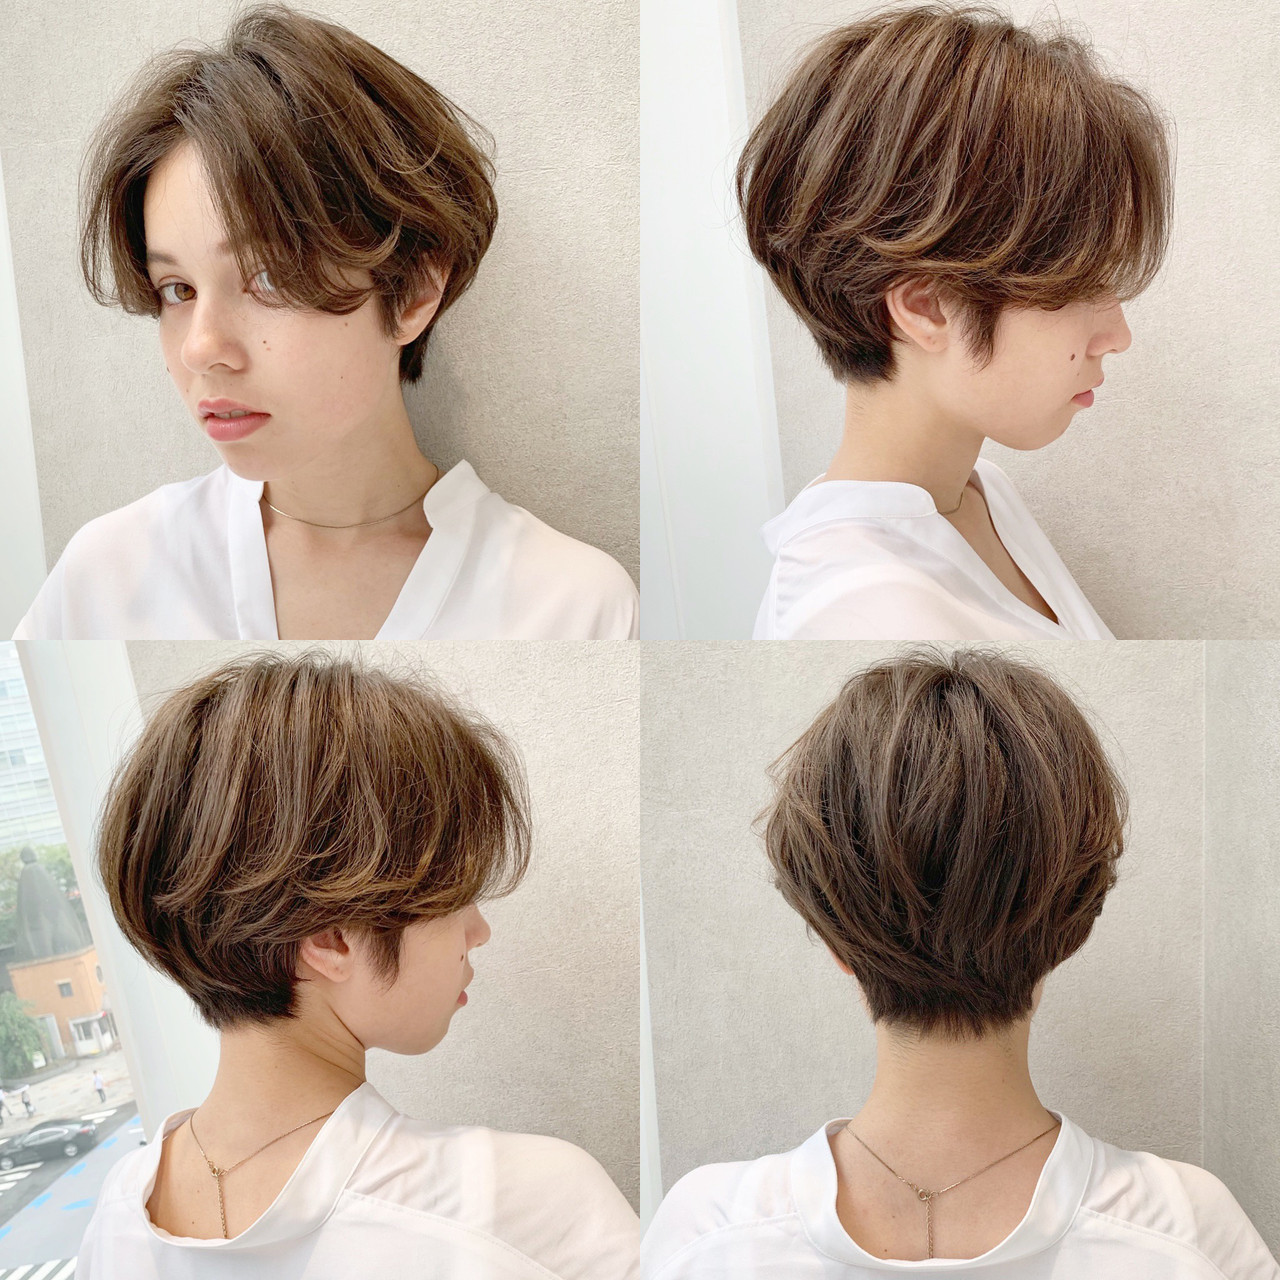 ショート ハイライト フェミニン デート ヘアスタイルや髪型の写真・画像   ショートヘア美容師 #ナカイヒロキ / 『send by HAIR』